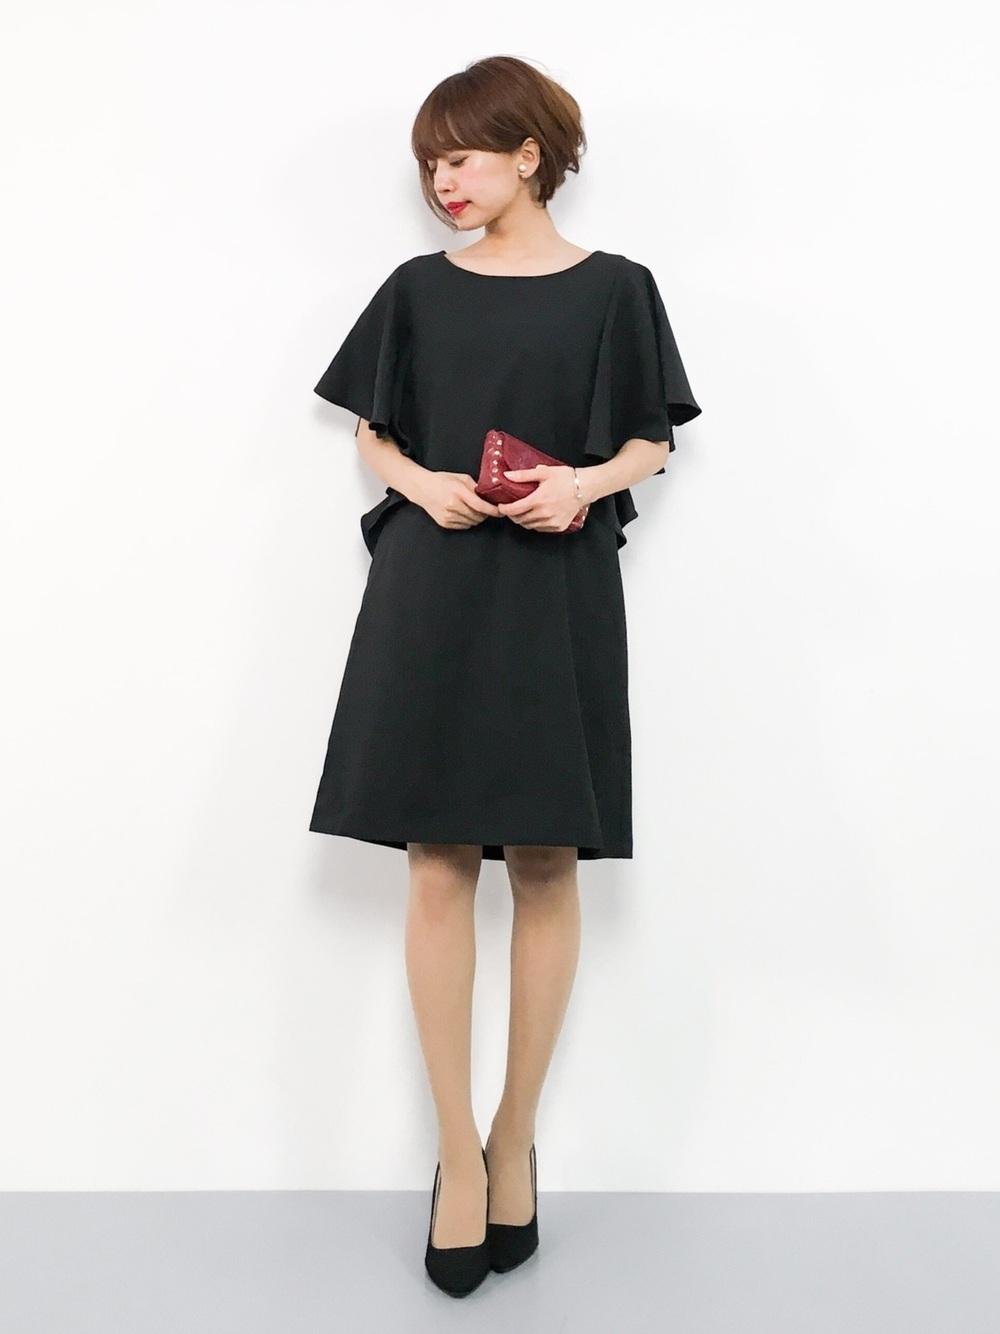 黒のドレスにクラッチ